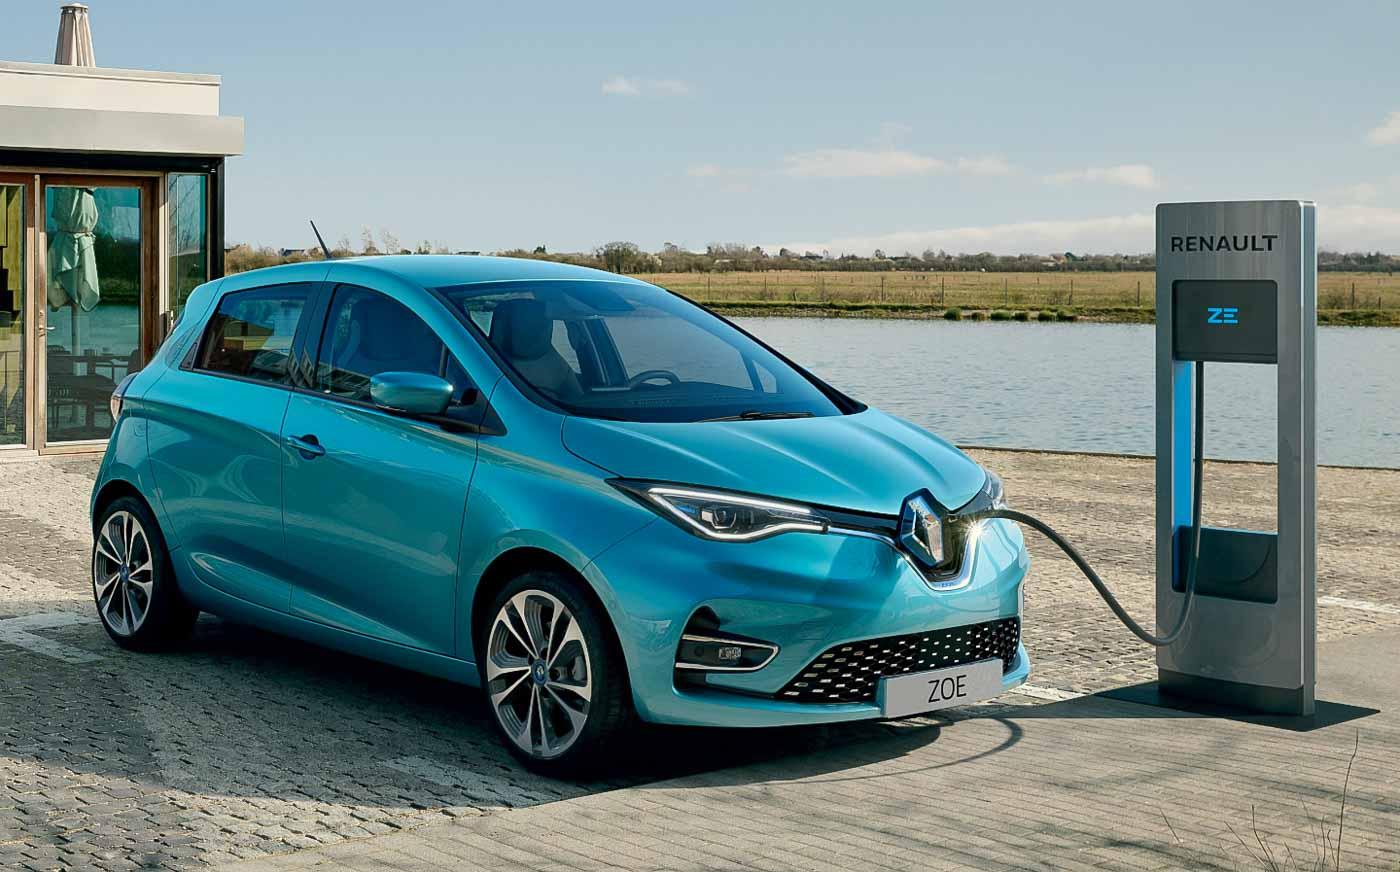 Renault To Showcase Zoe EV At 2020 Auto Expo